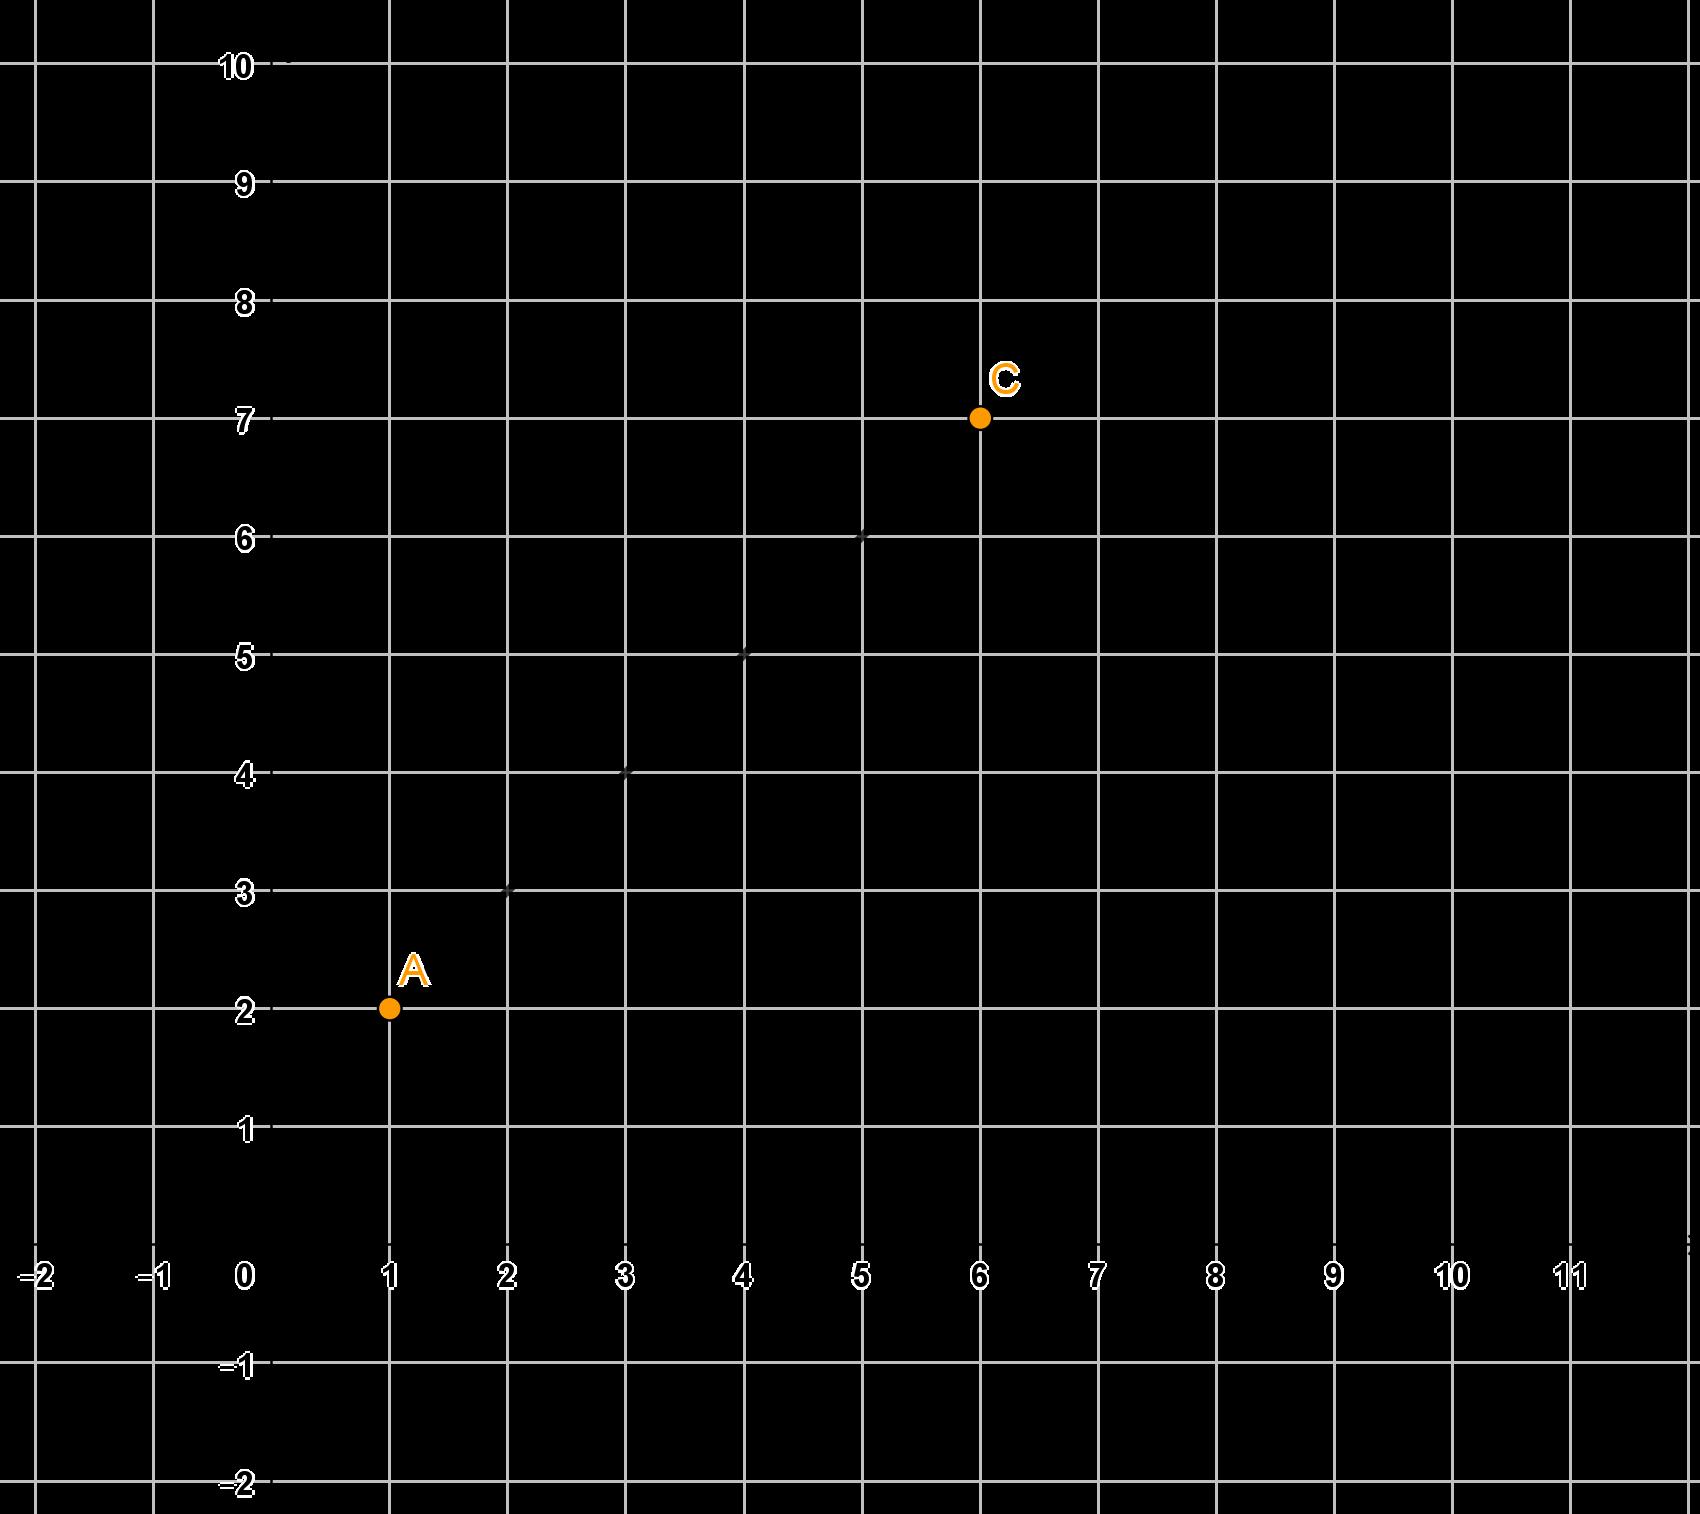 Koordinatensystem mit Strecke